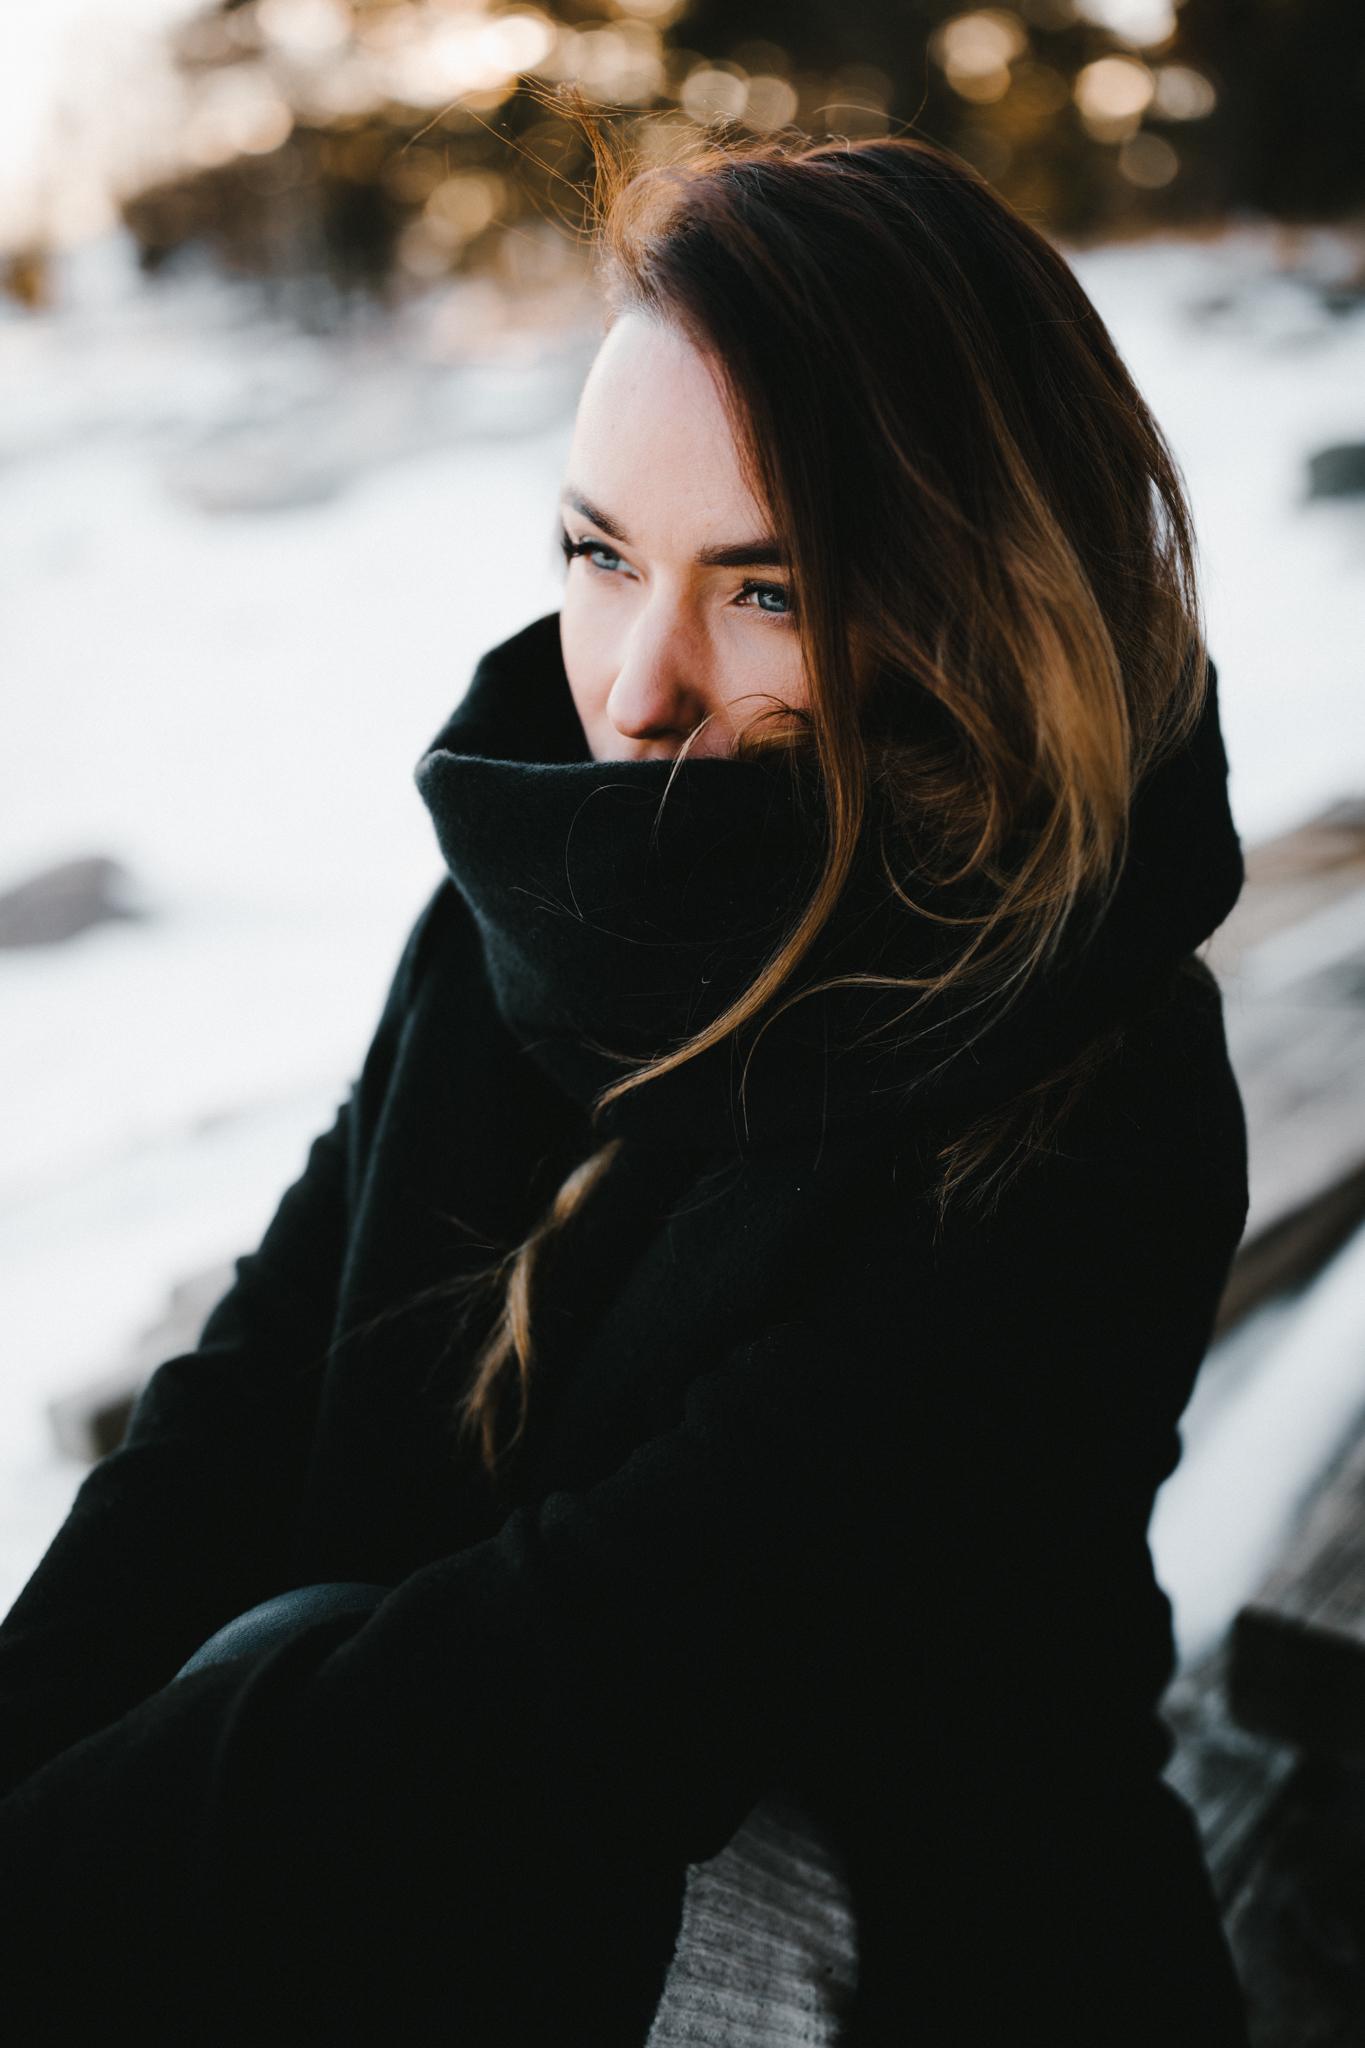 Julia Toivola -- Photos by Patrick Karkkolainen Photographer-57.jpg